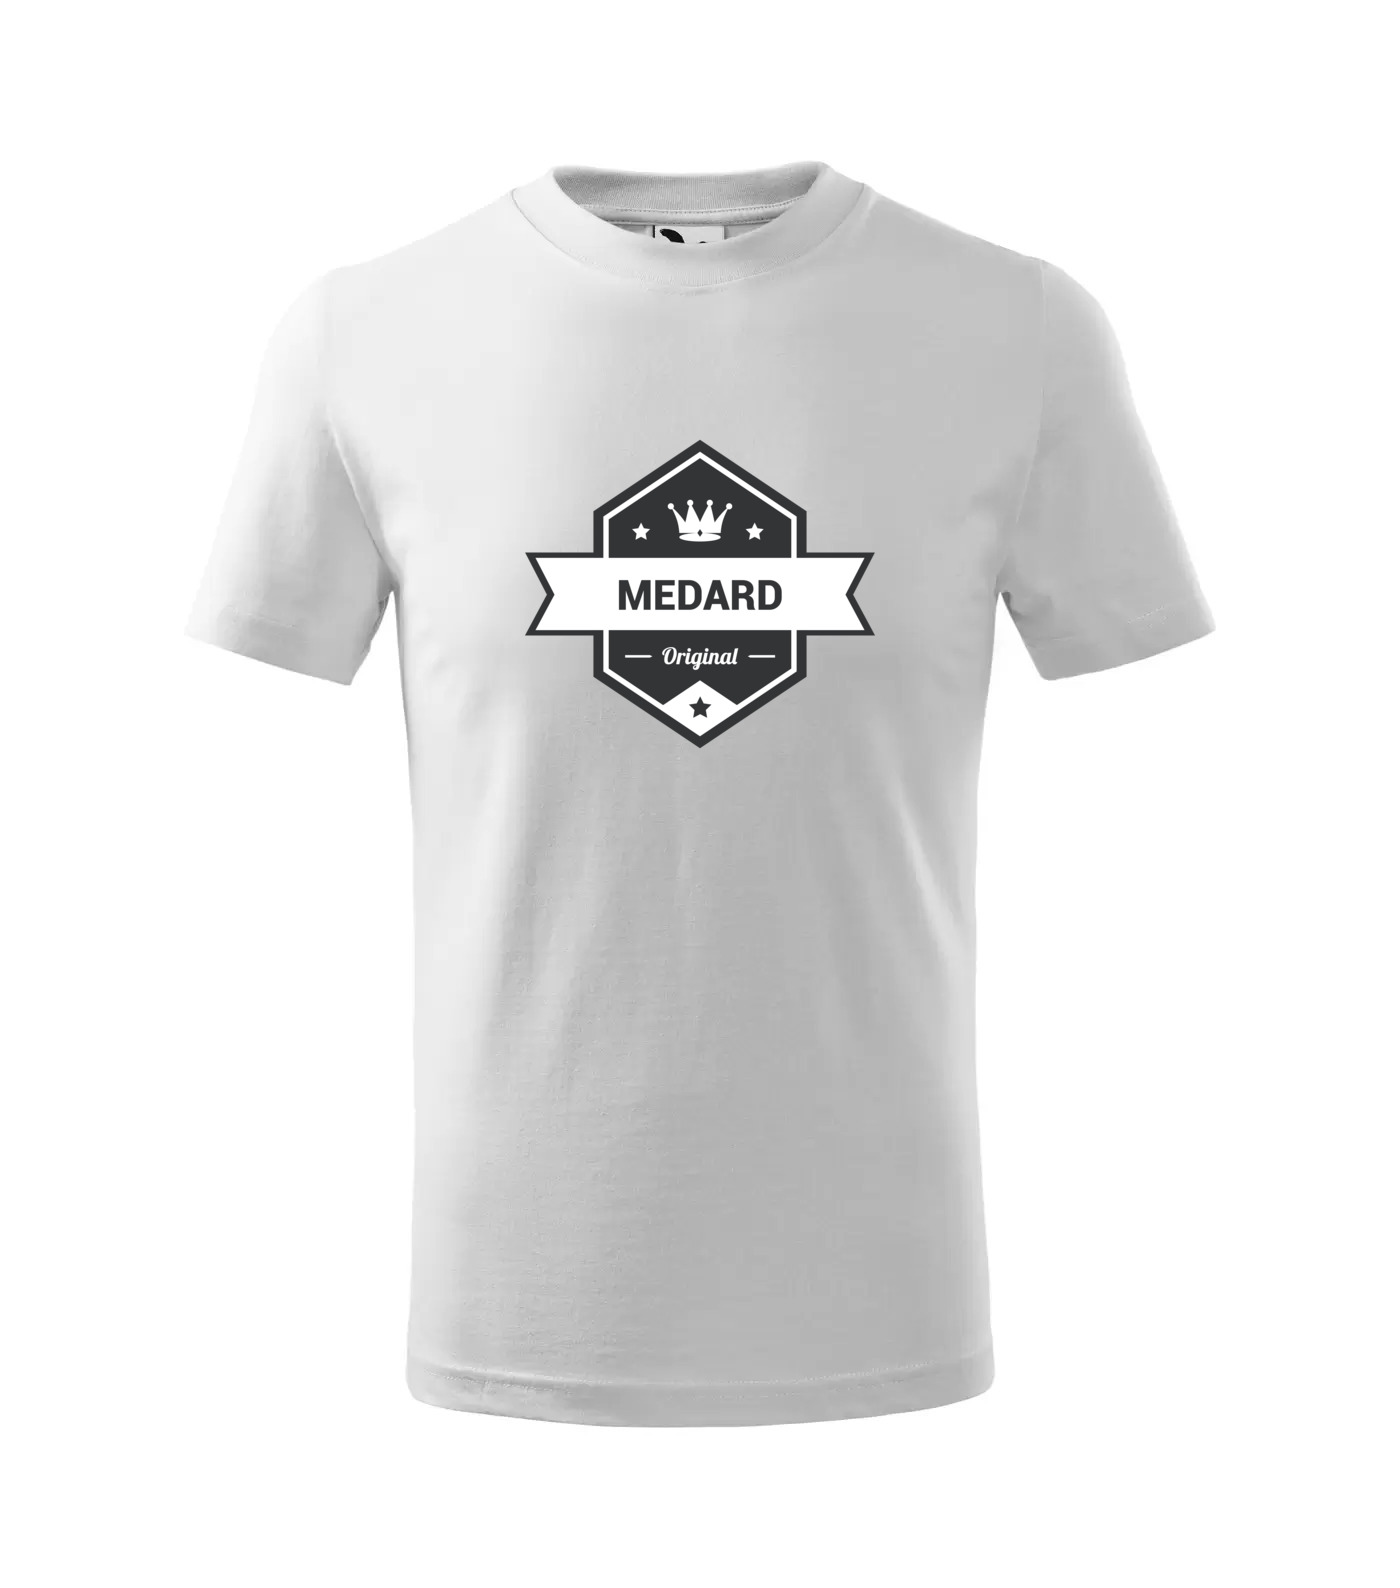 Tričko King Medard